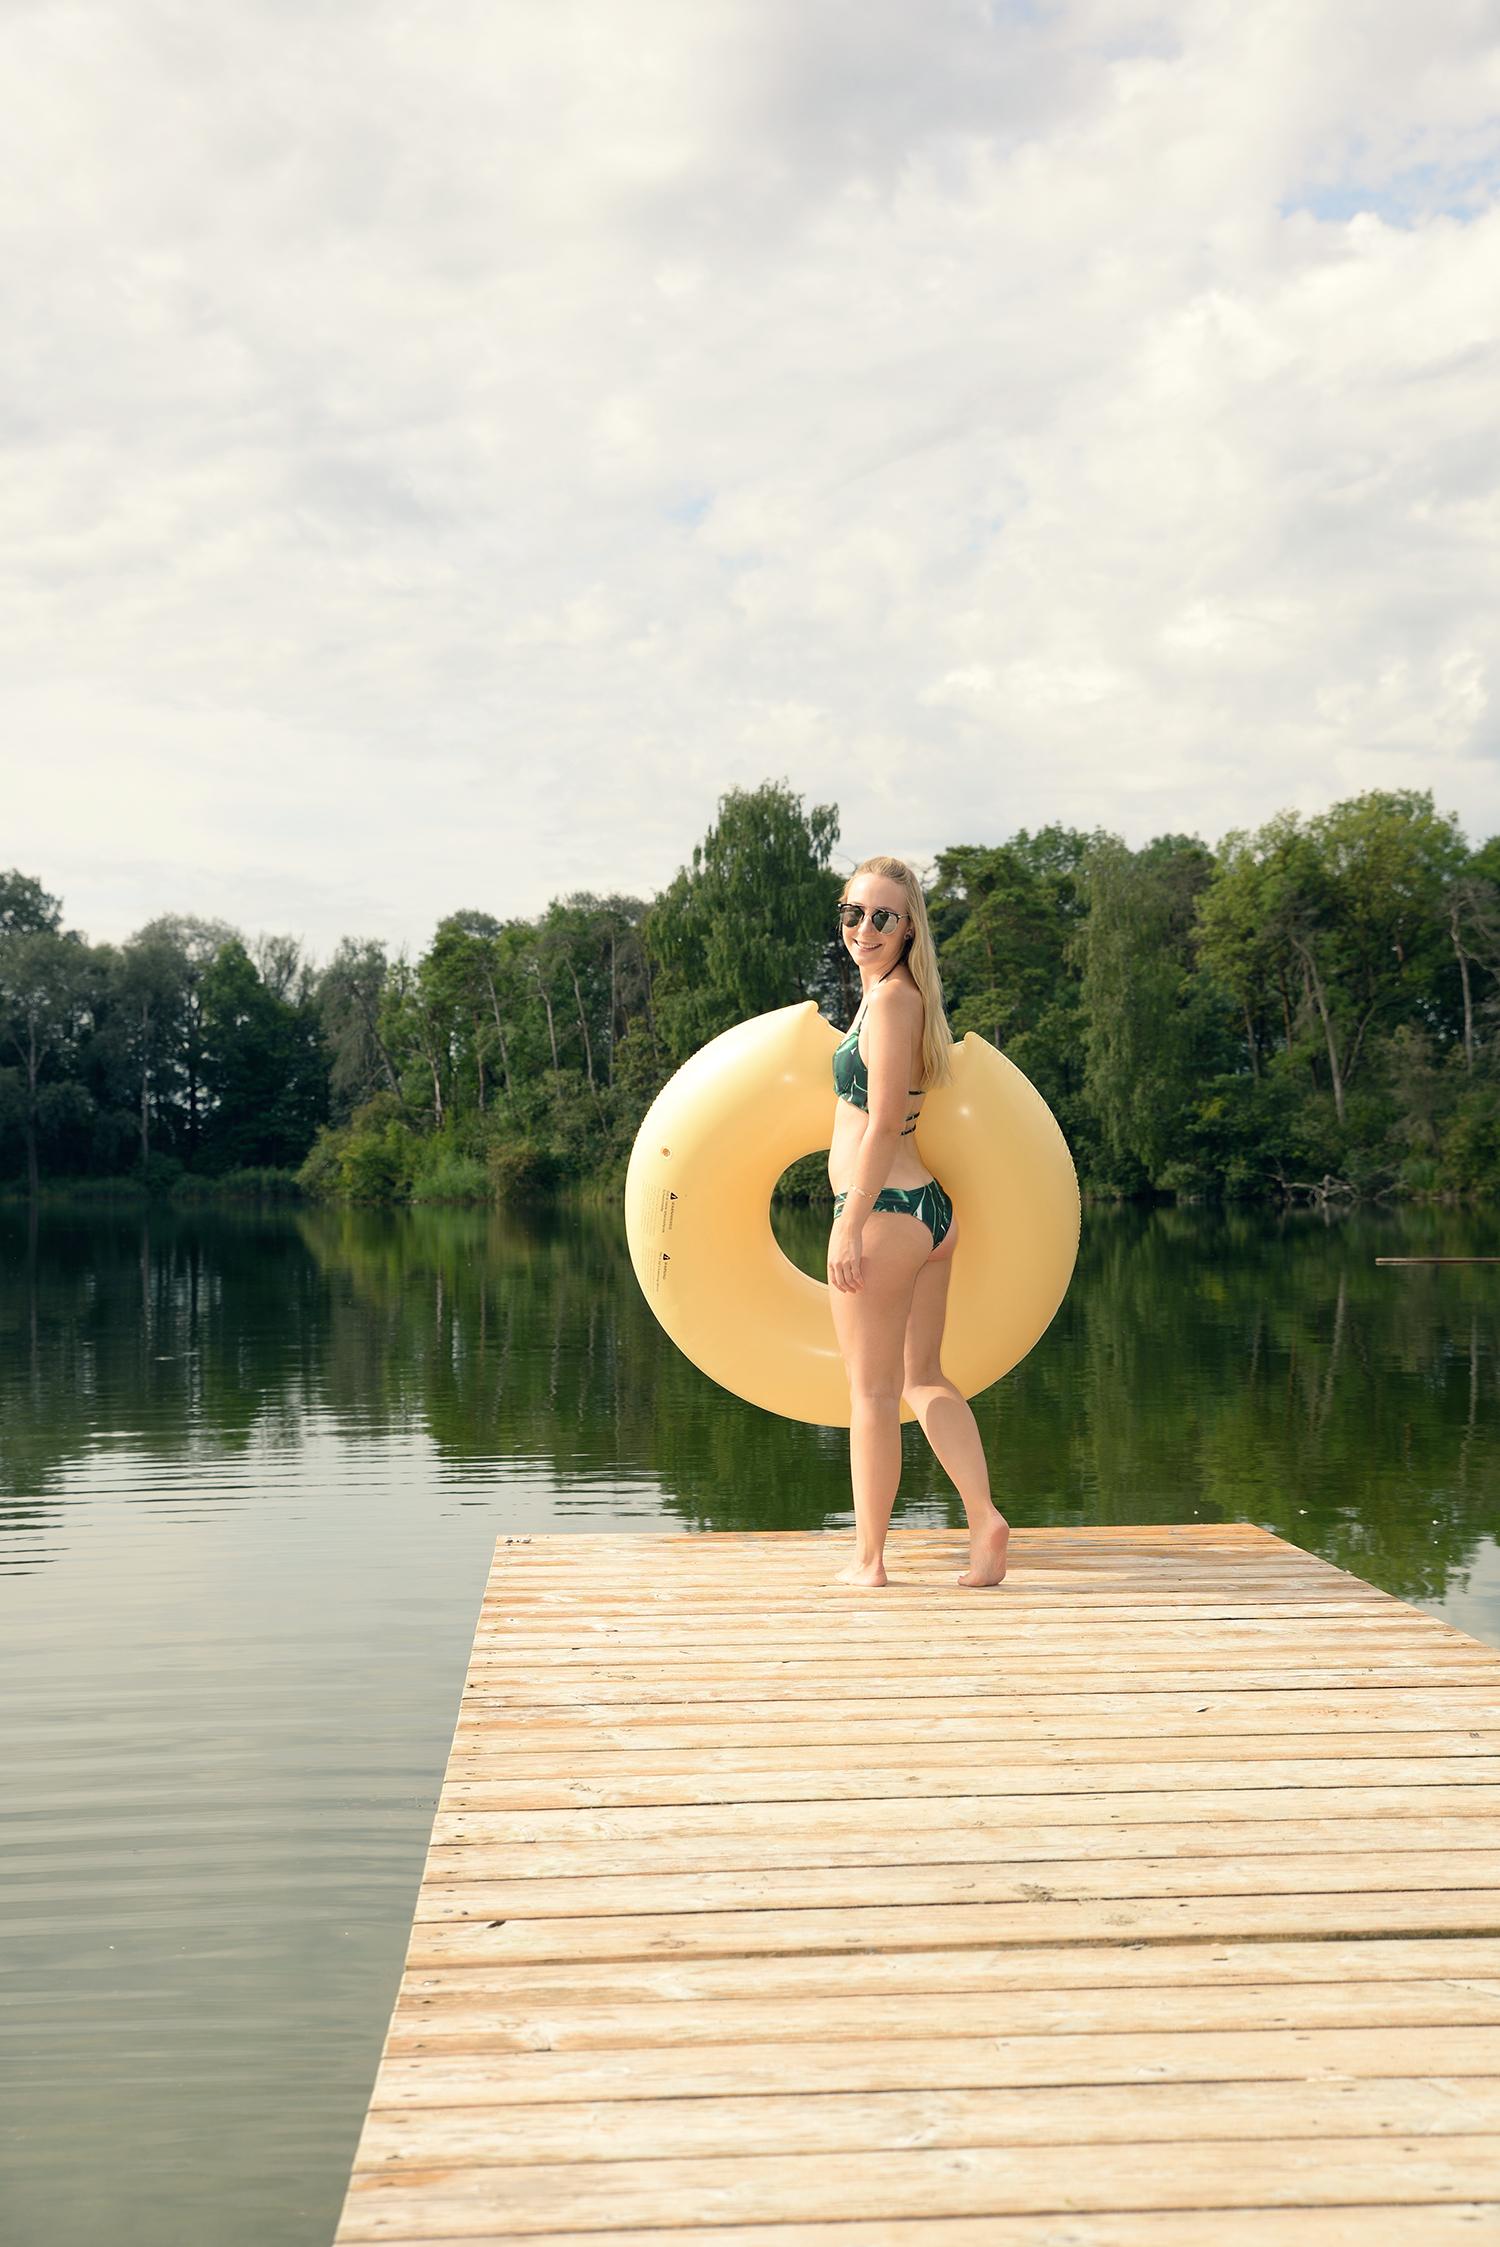 Zaful Palms Bikini